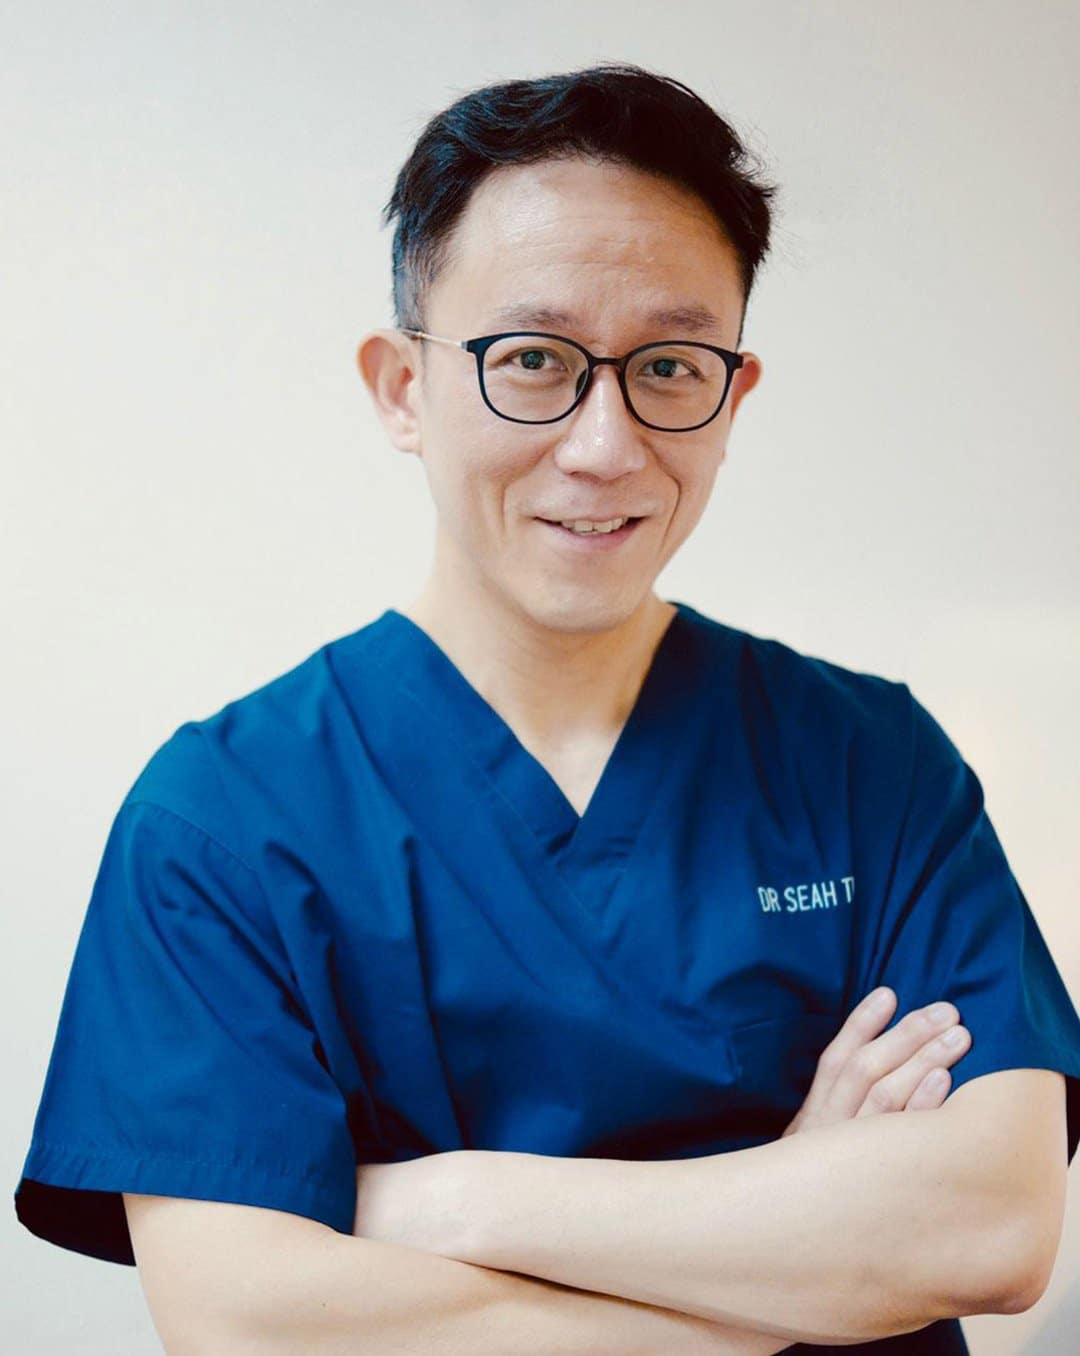 Dr. Seah Tian